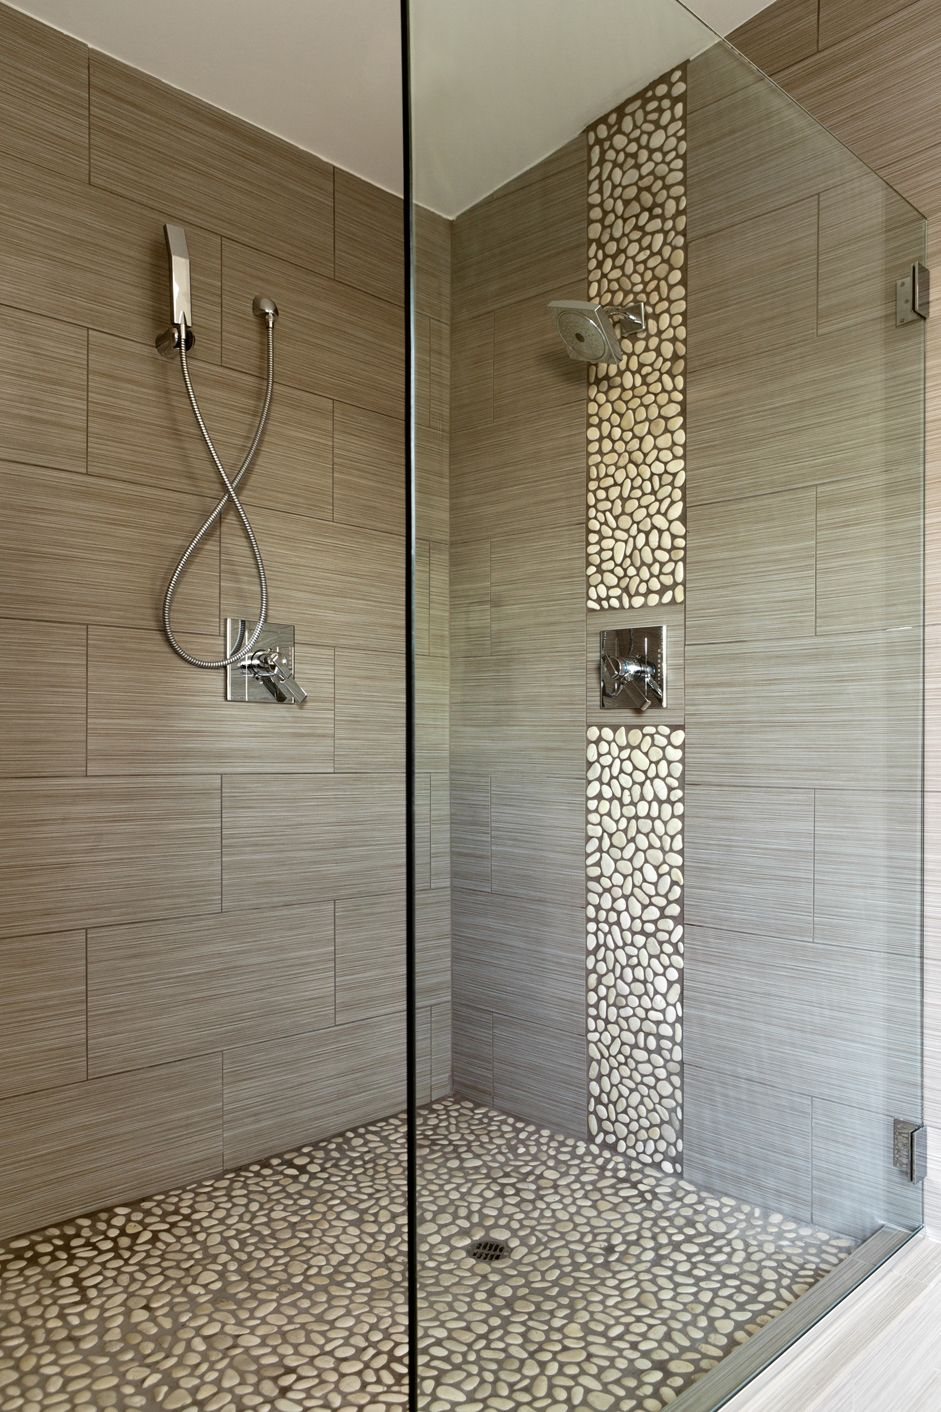 Gemauerte Dusche Selber Bauen Gemauerte Dusche Dusche Selber Bauen Glasduschen